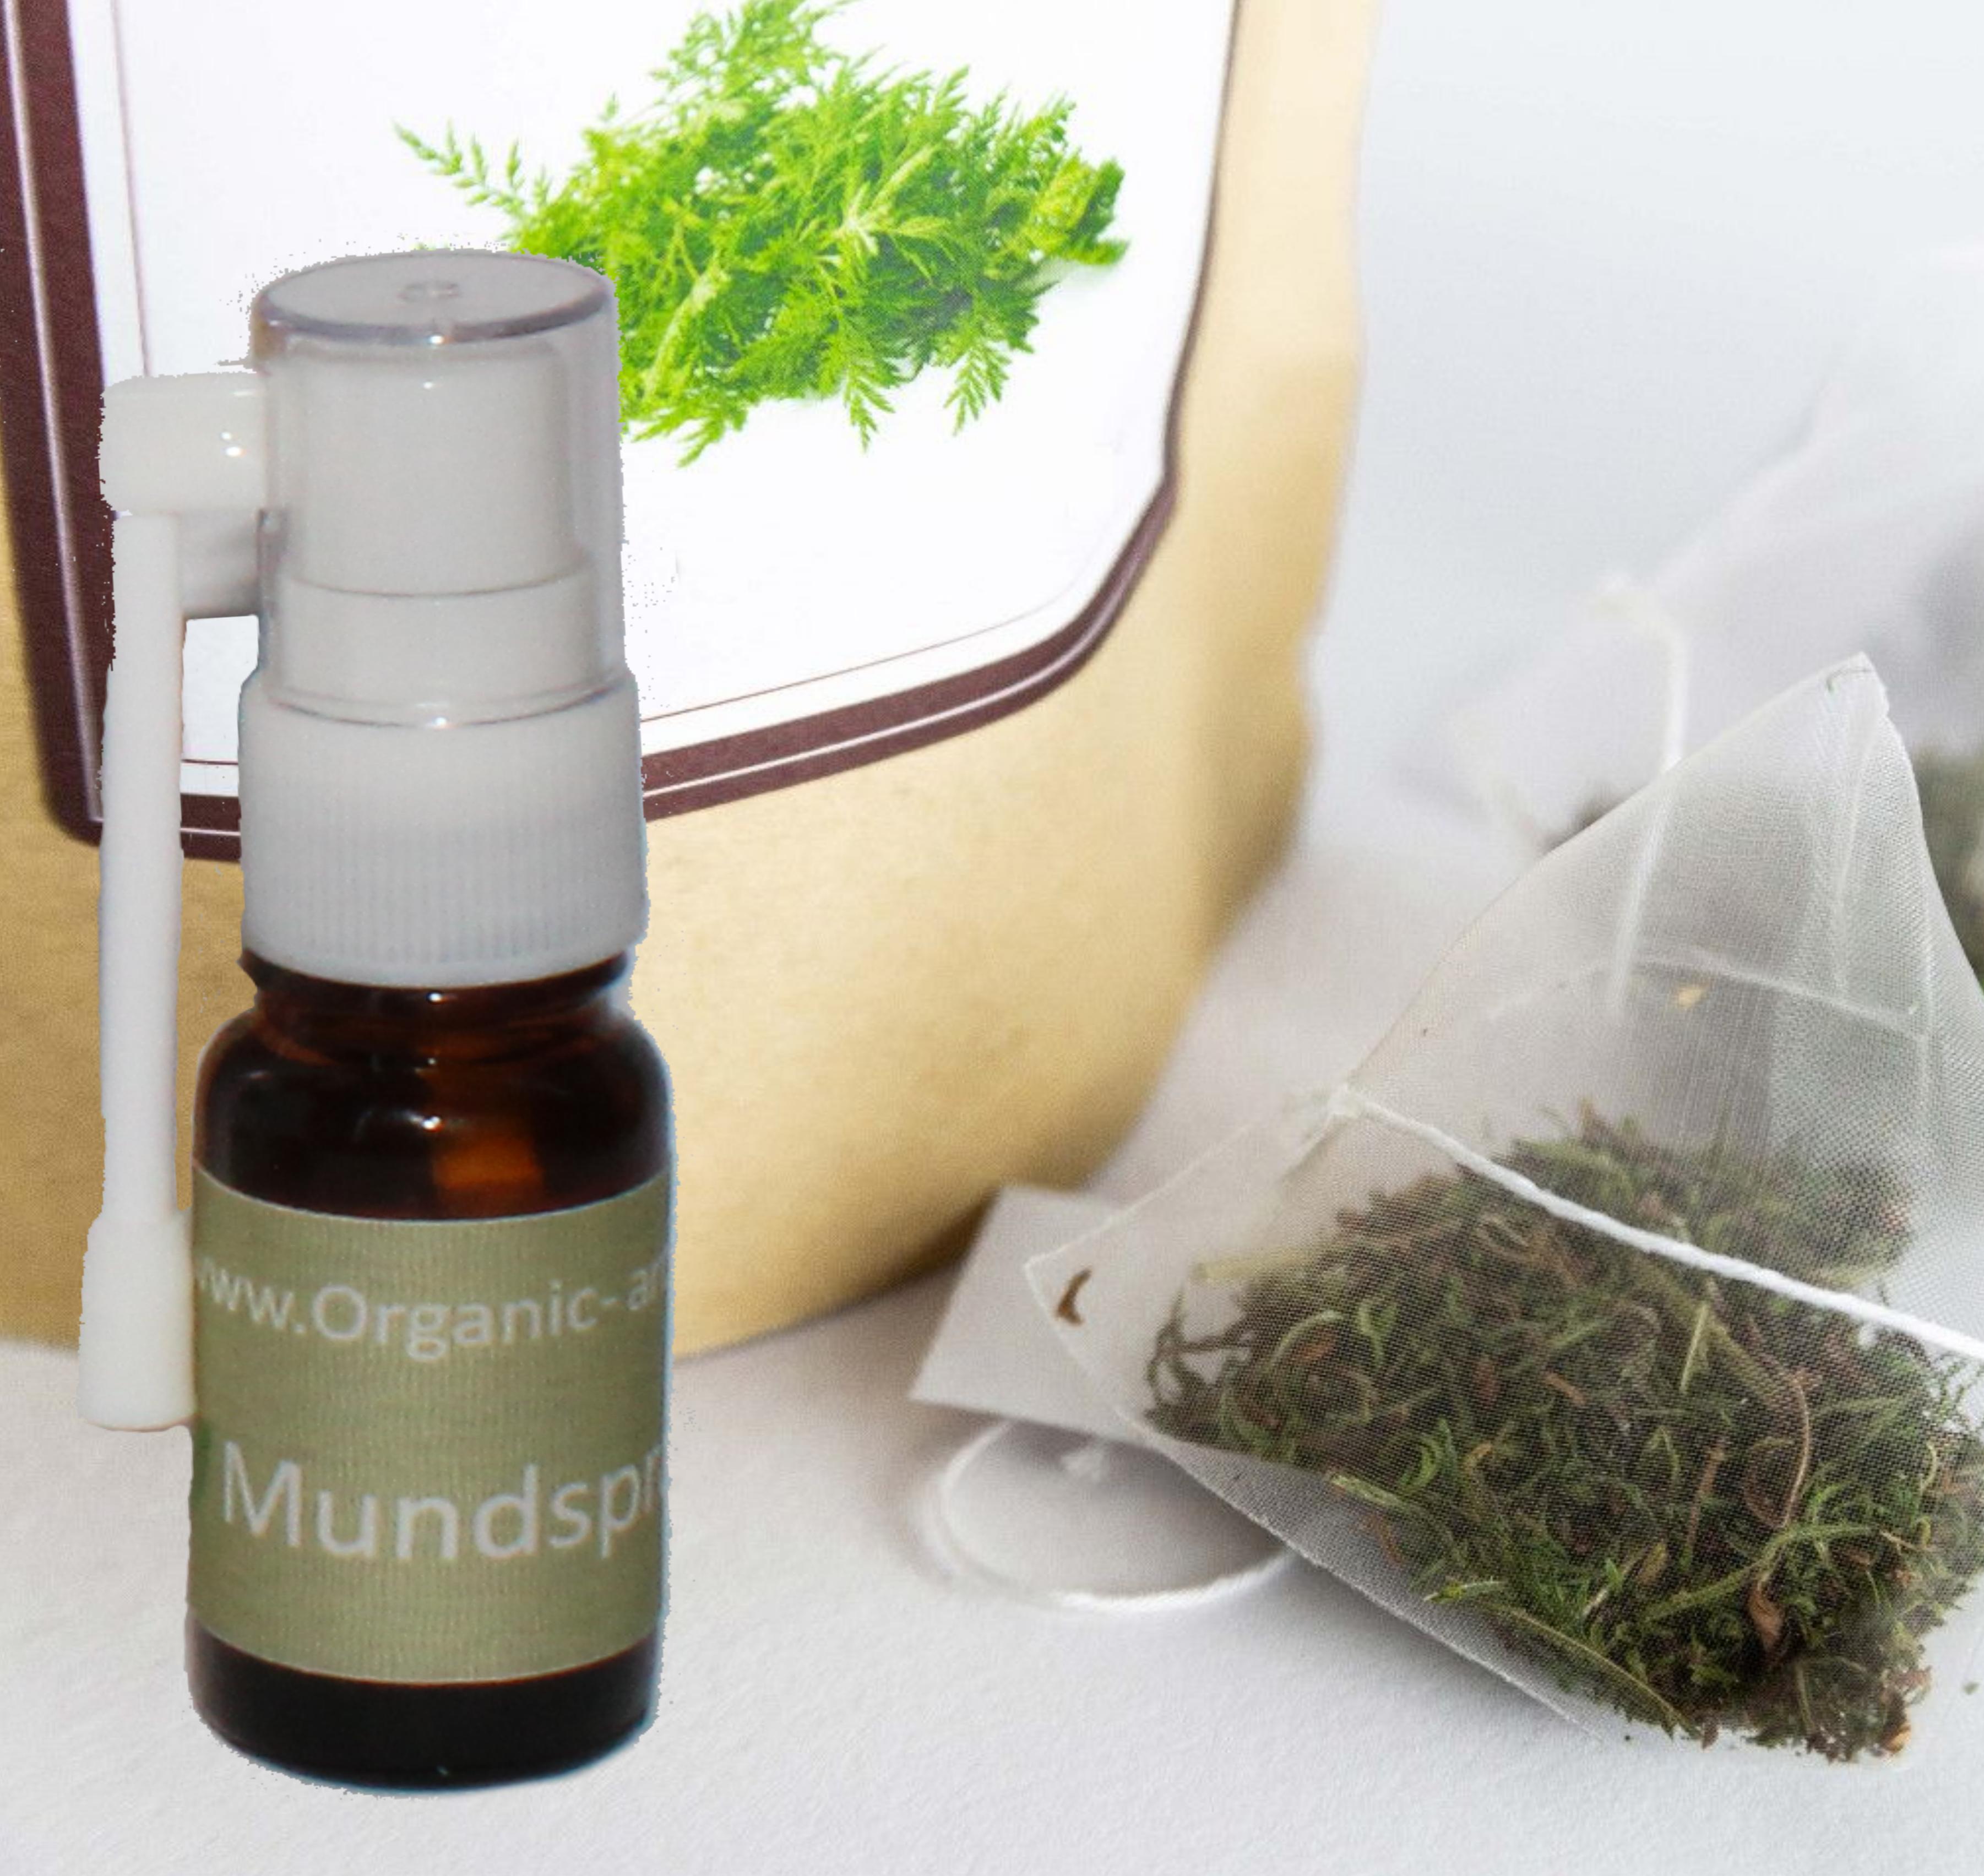 Artemisia Annua Mundspray Bundle